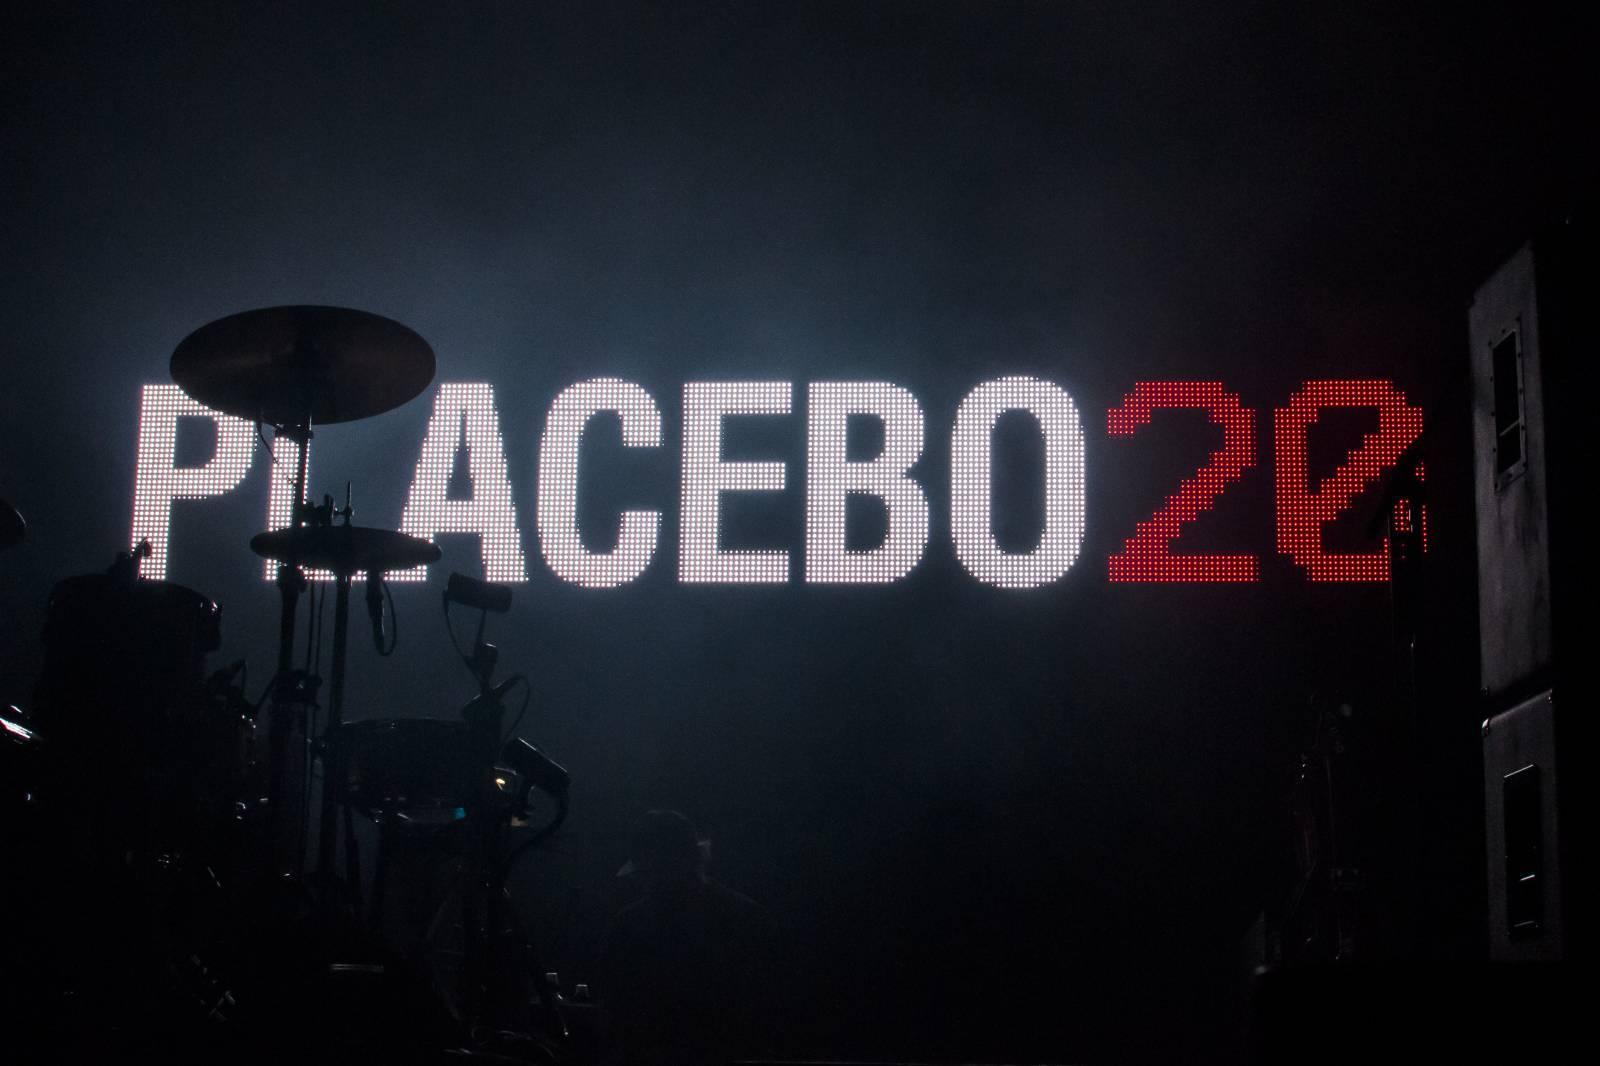 Placebo se vrátí do České republiky, v červnu oslaví 20 let fungování v Brně